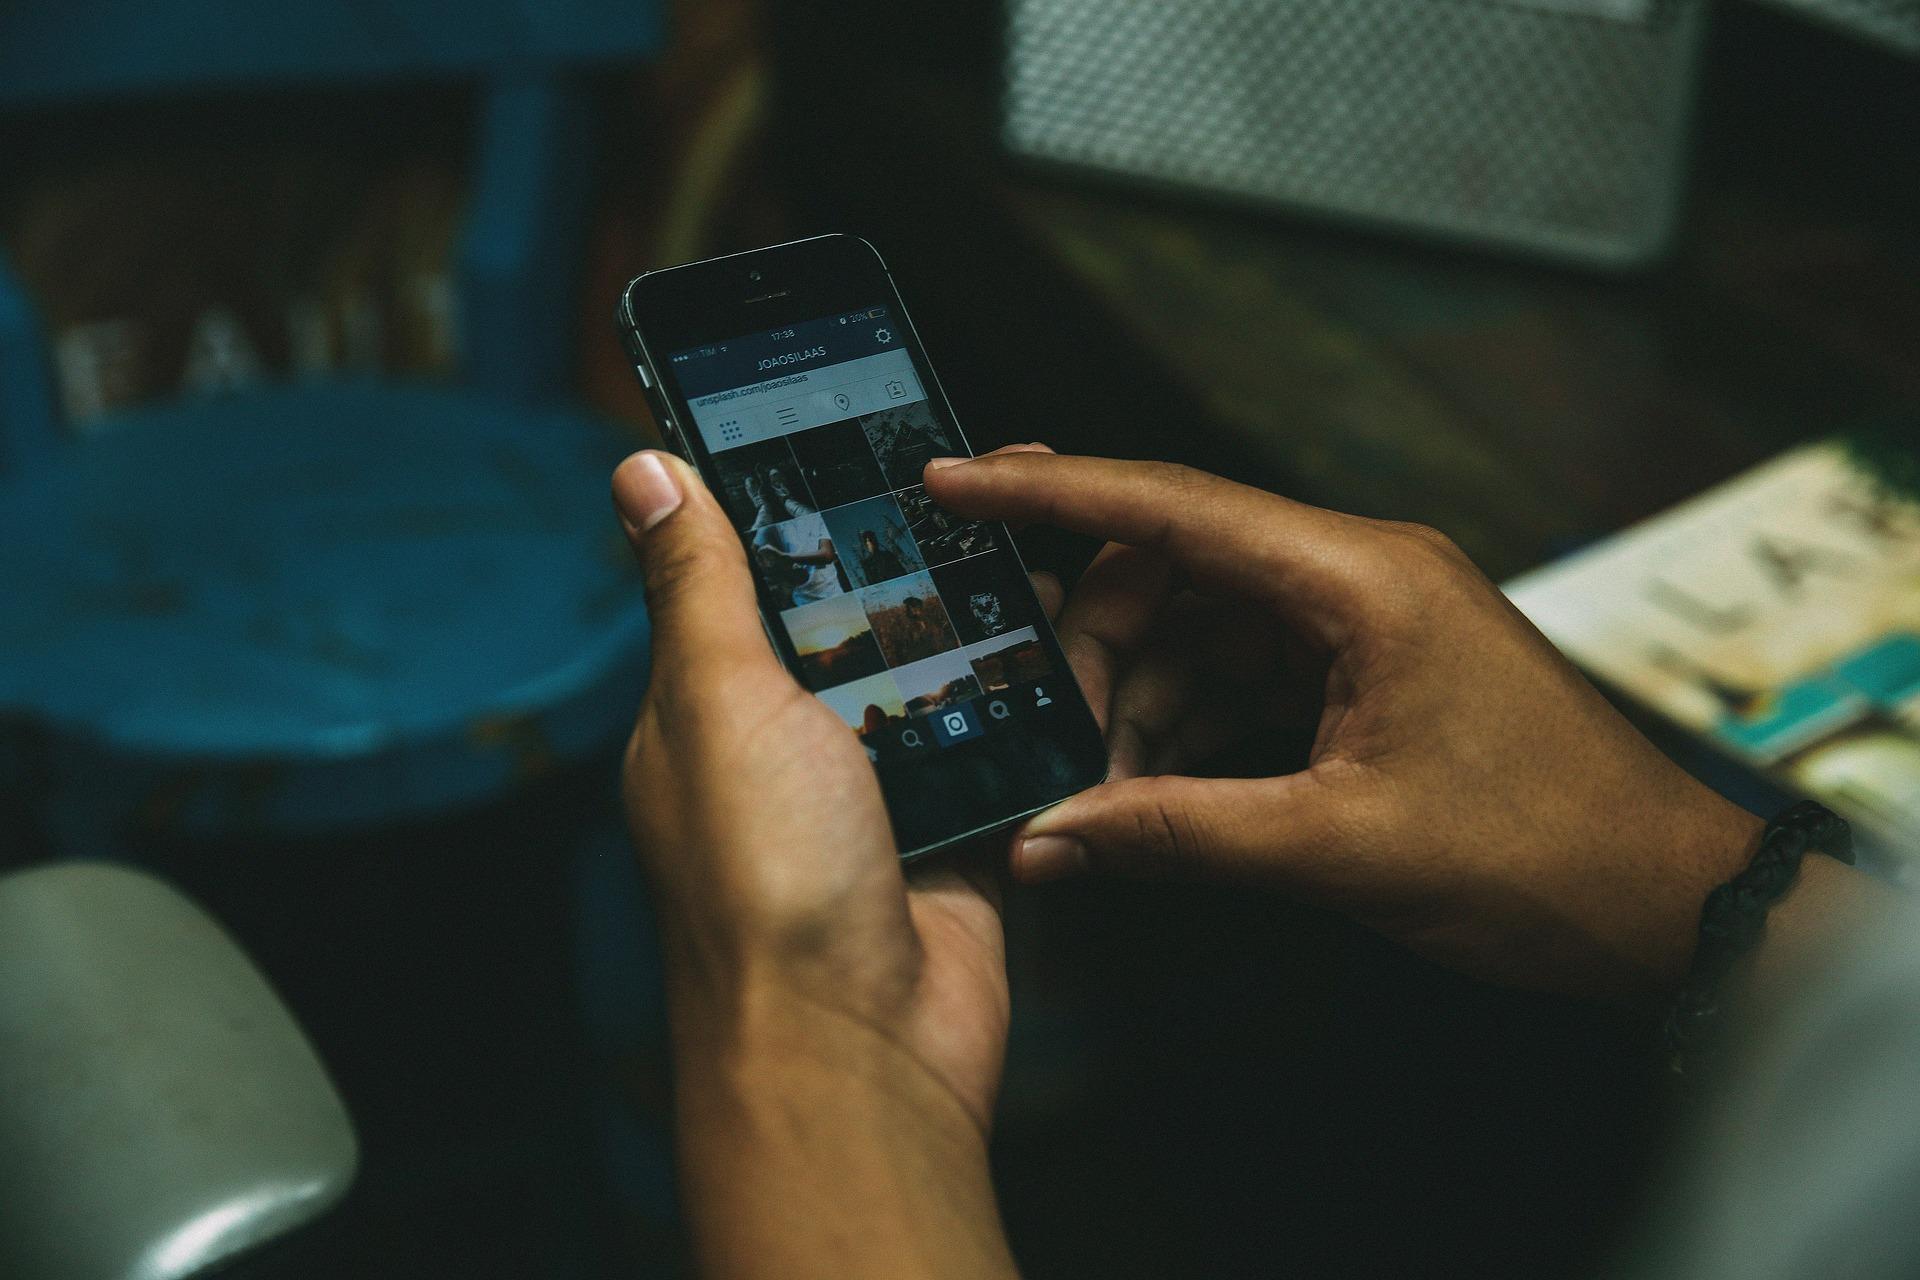 W ciągu ostatniego roku w Polsce przybyło aż 1,4 miliona nowych użytkowników mediów społecznościowych (fot. Pixabay)